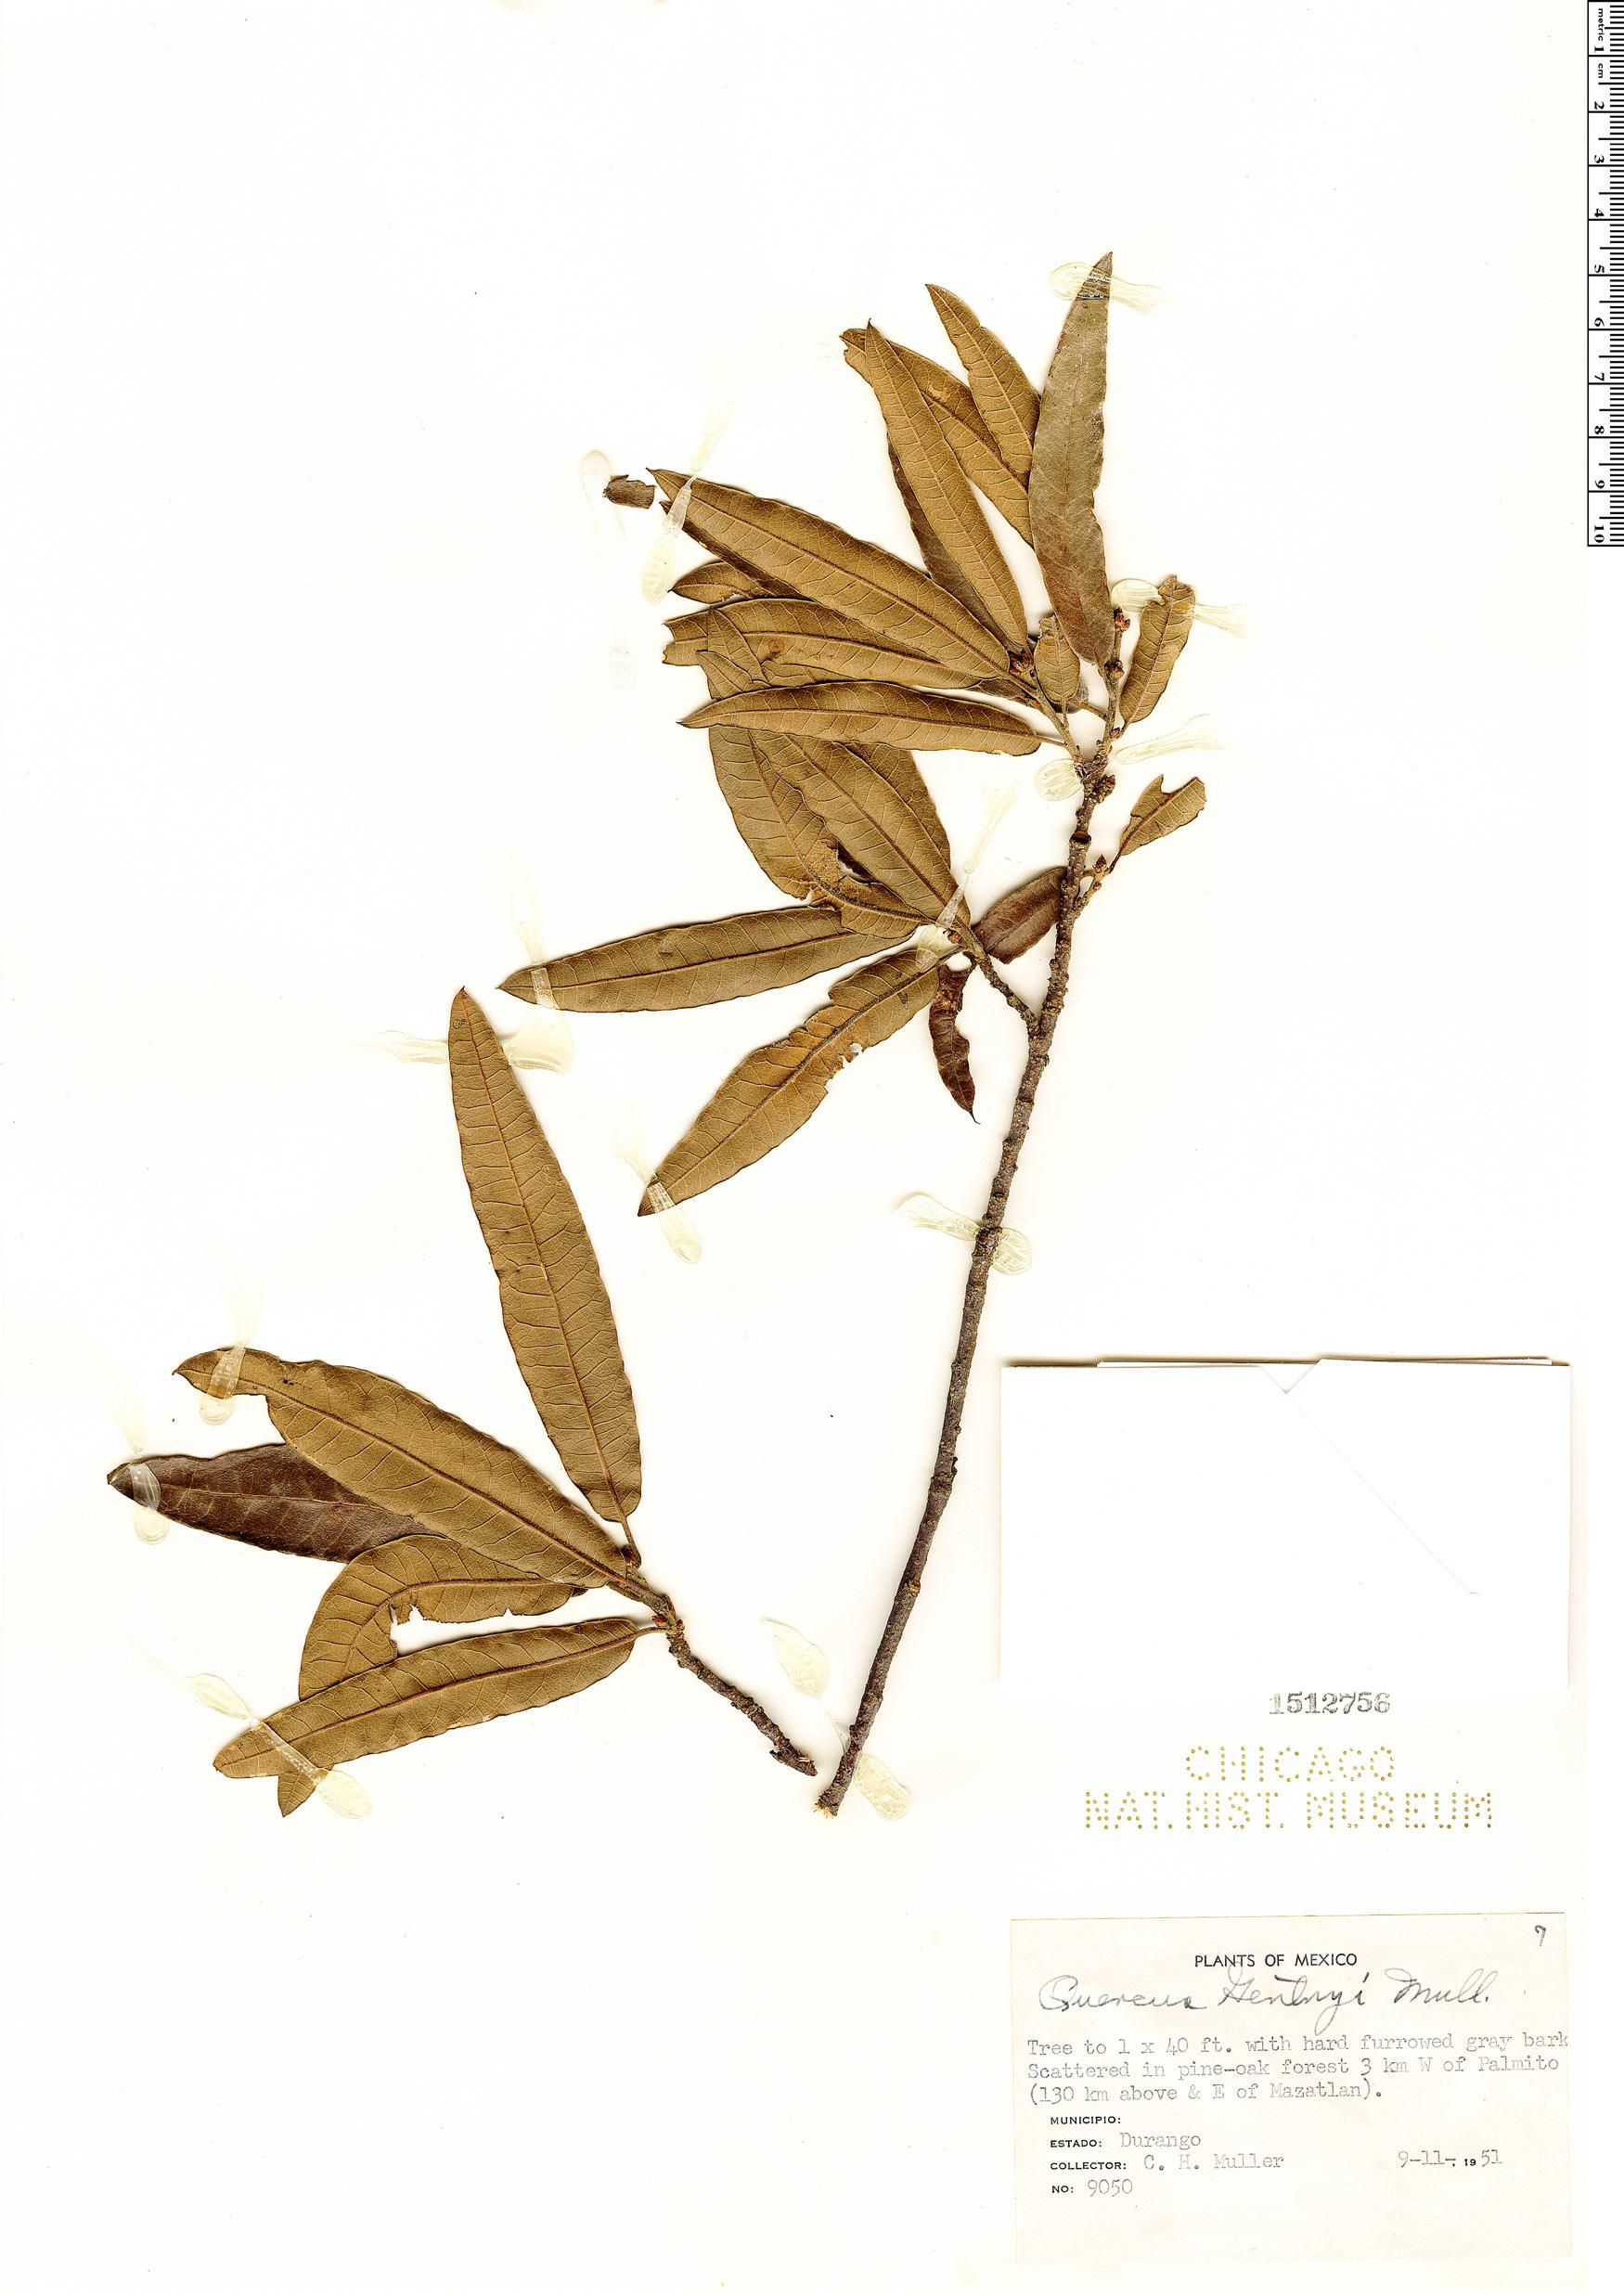 Specimen: Quercus gentryi